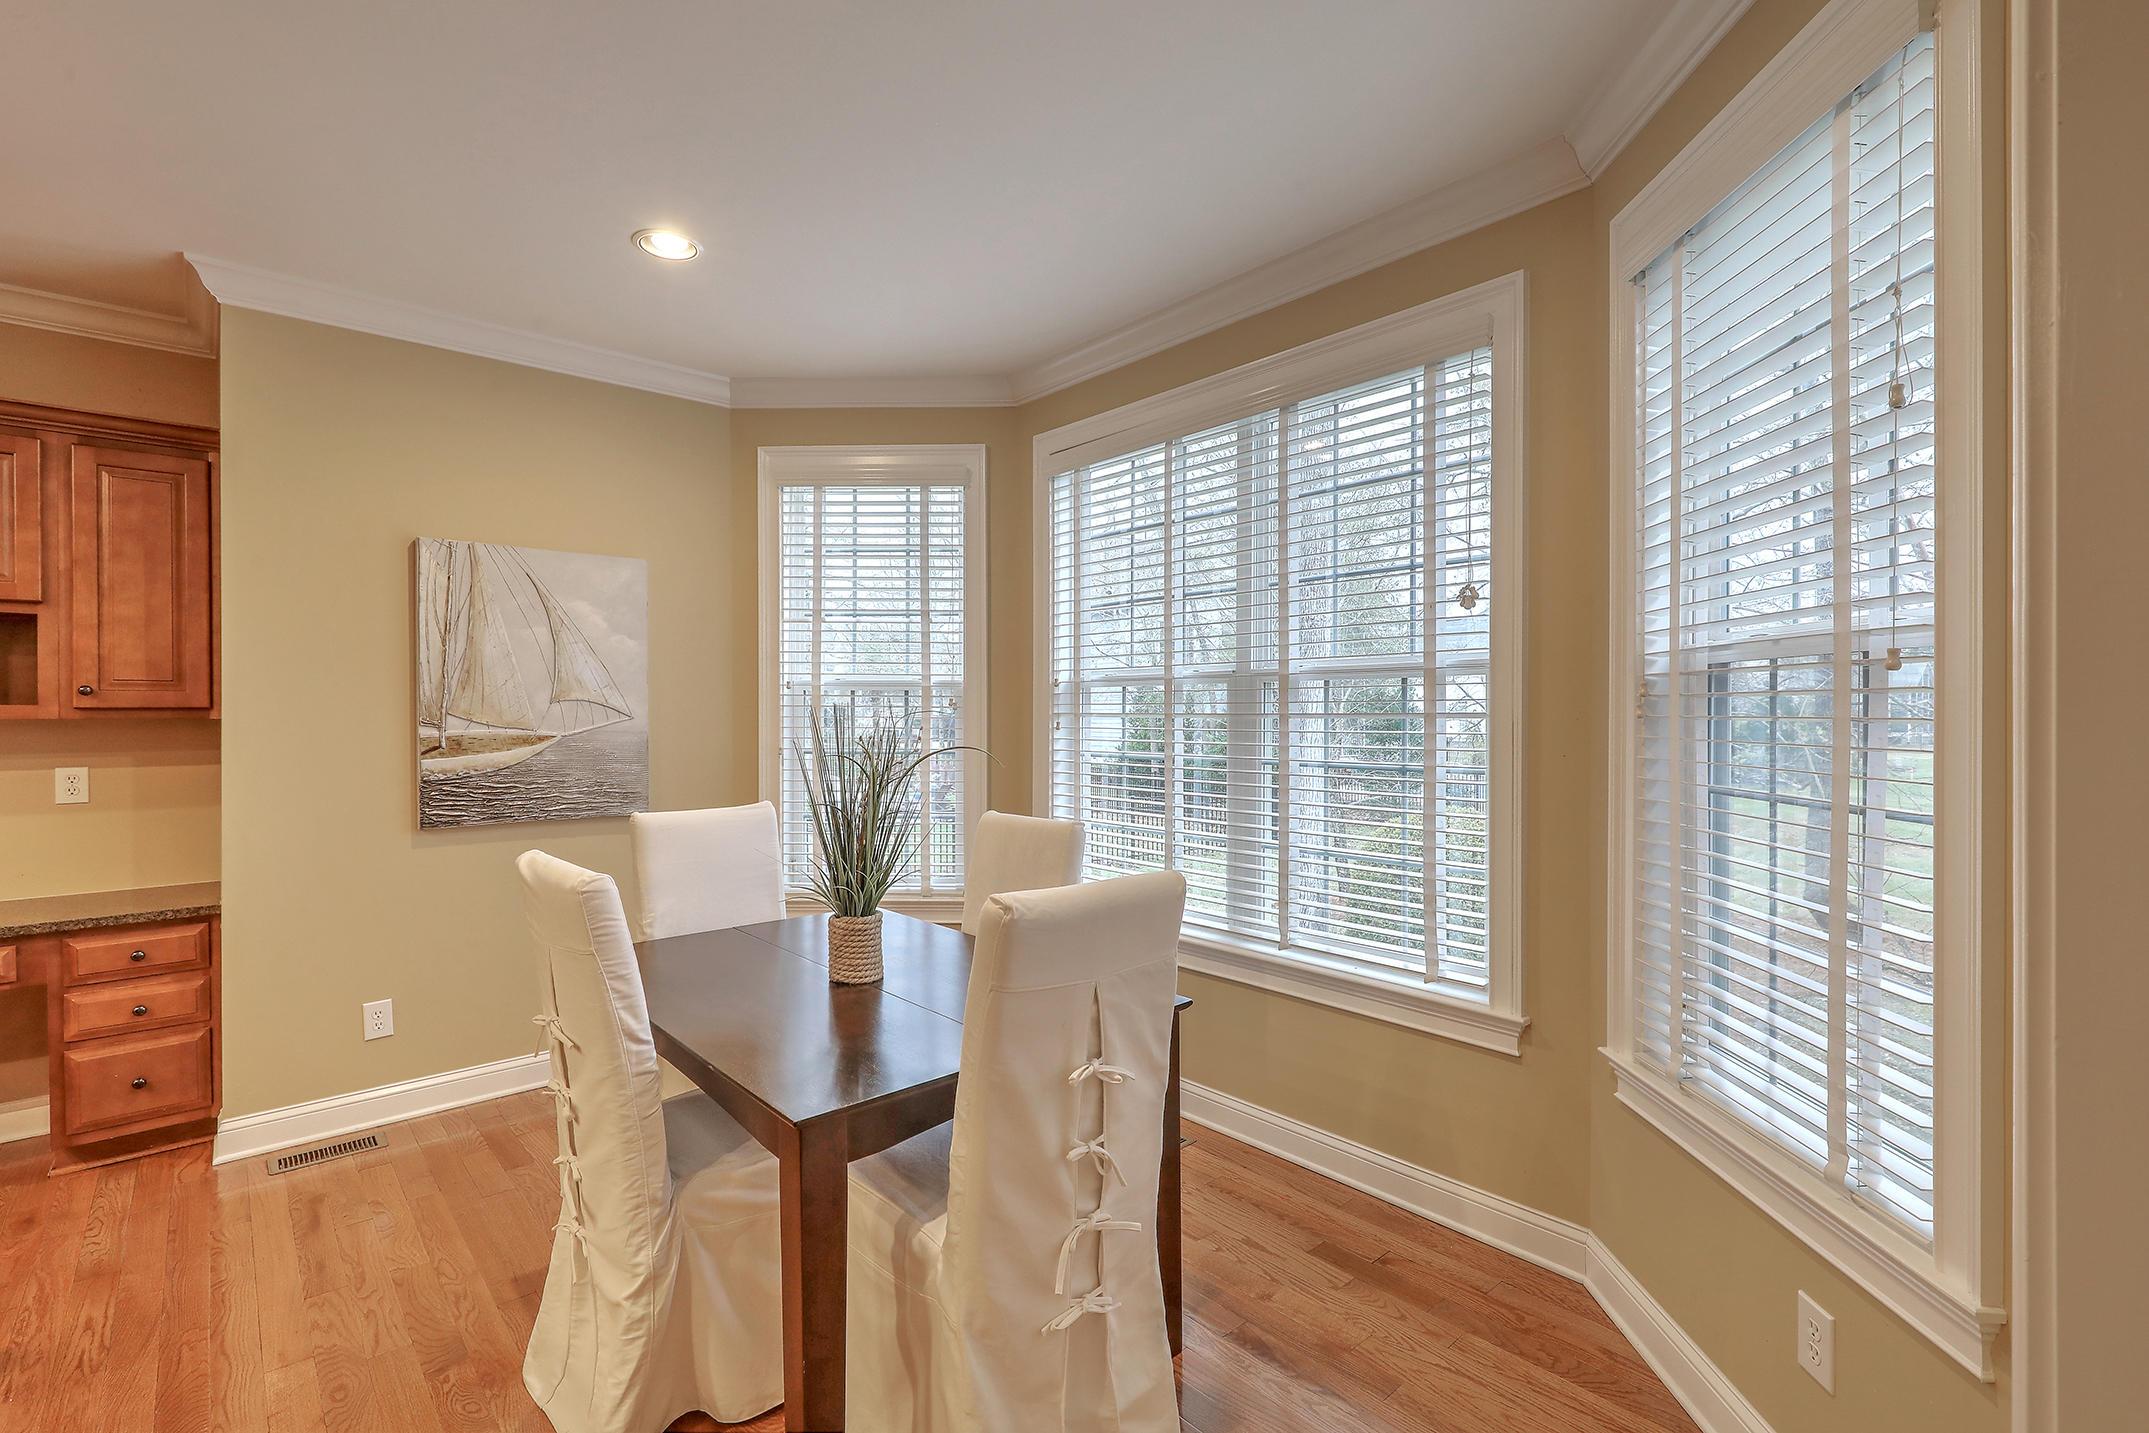 Dunes West Homes For Sale - 2817 Oak Manor, Mount Pleasant, SC - 33